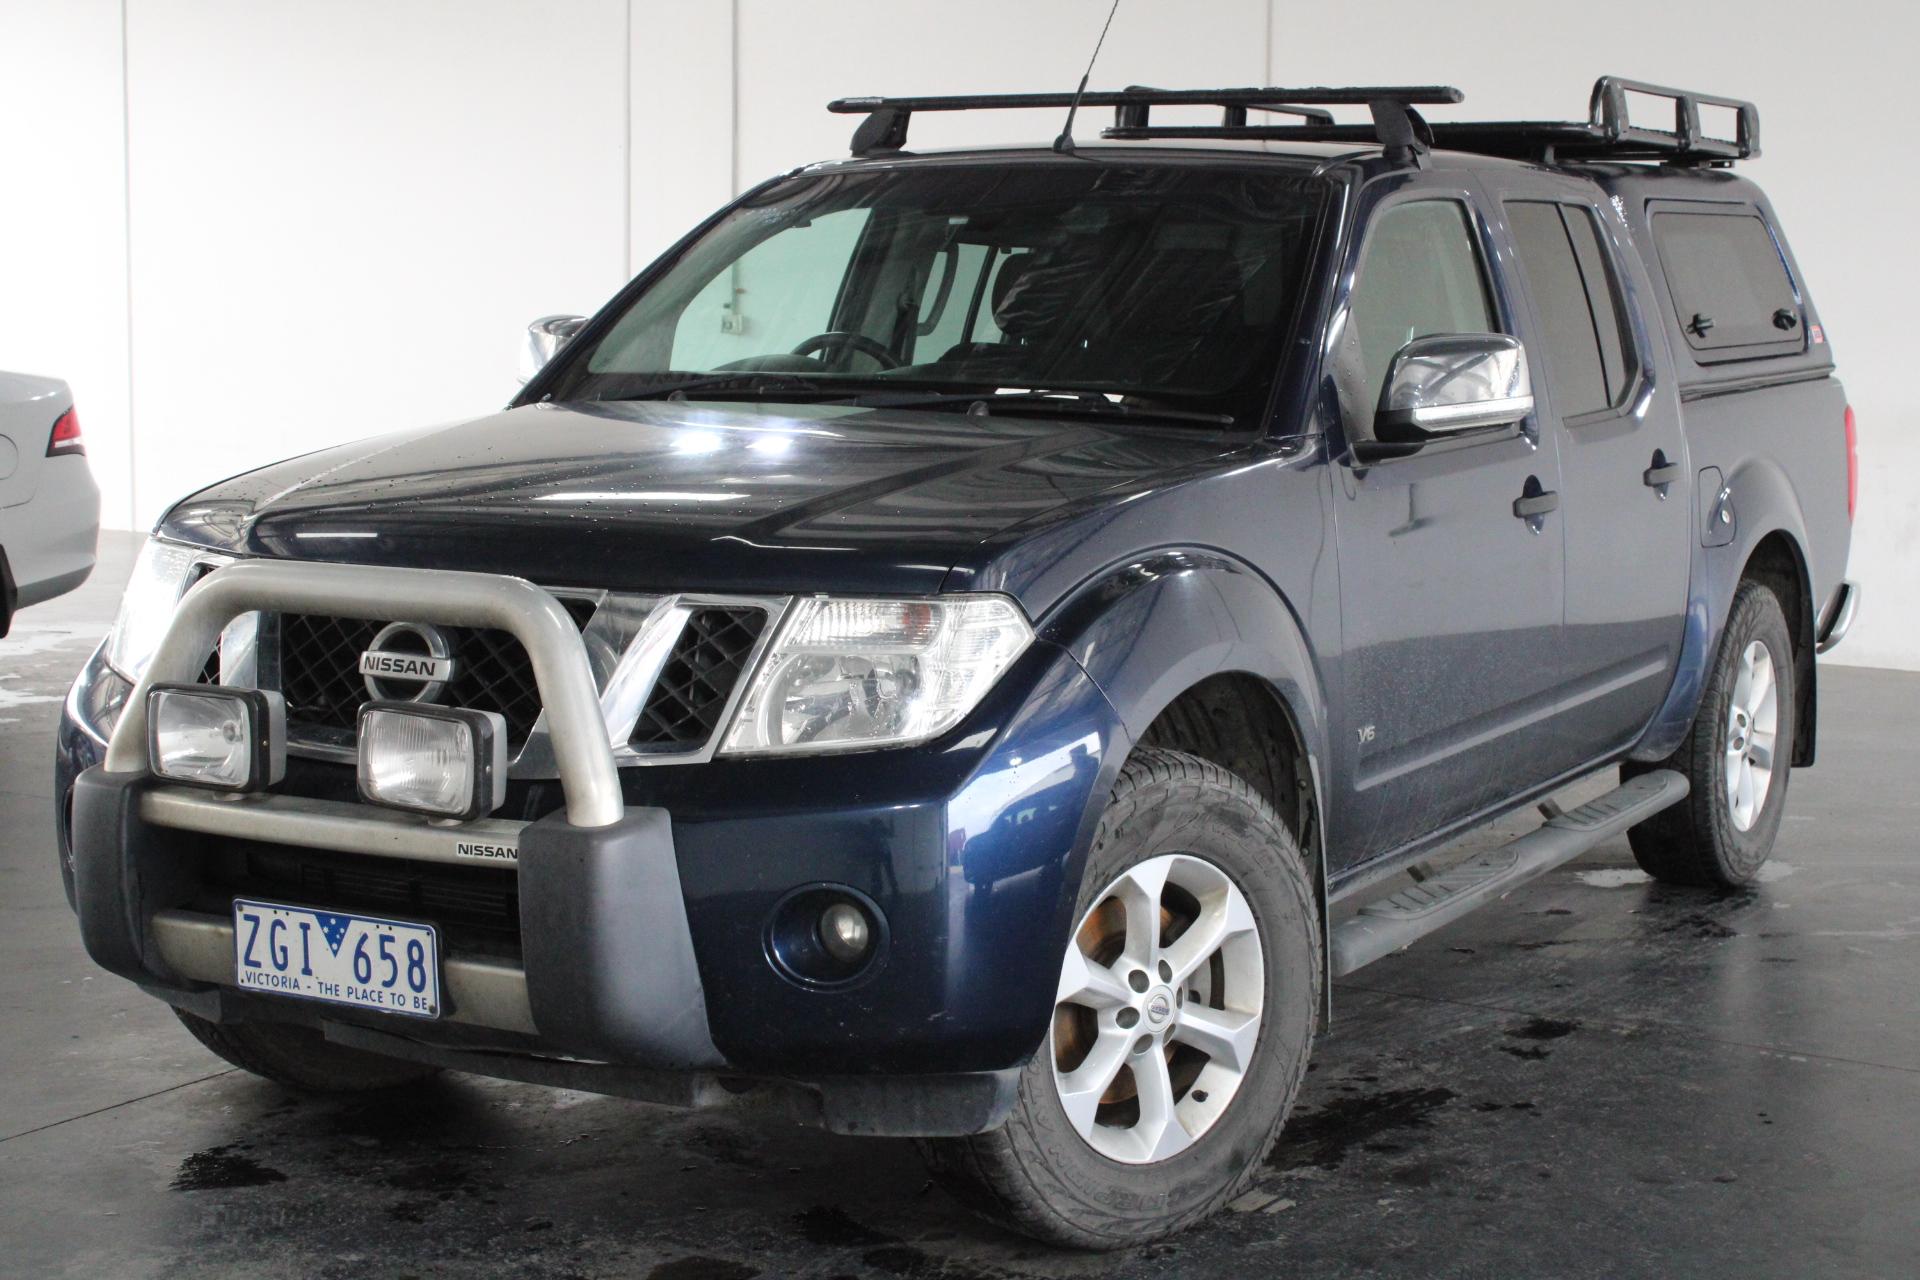 2012 Nissan Navara 4x4 ST-X550 D40 Turbo Diesel Automatic Dual Cab